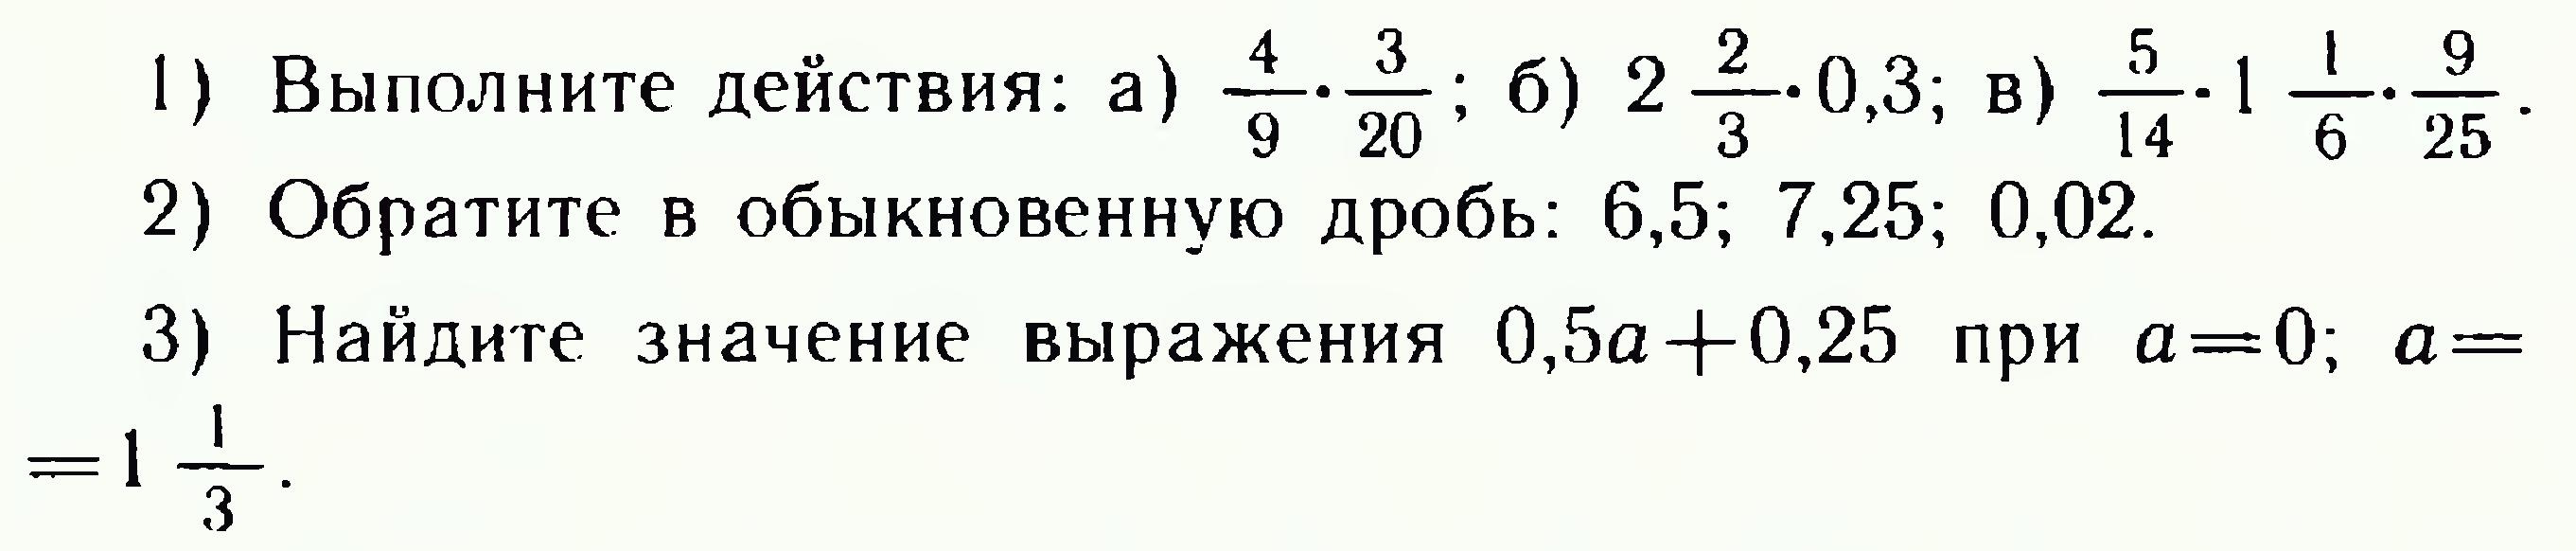 hello_html_351bacd5.png